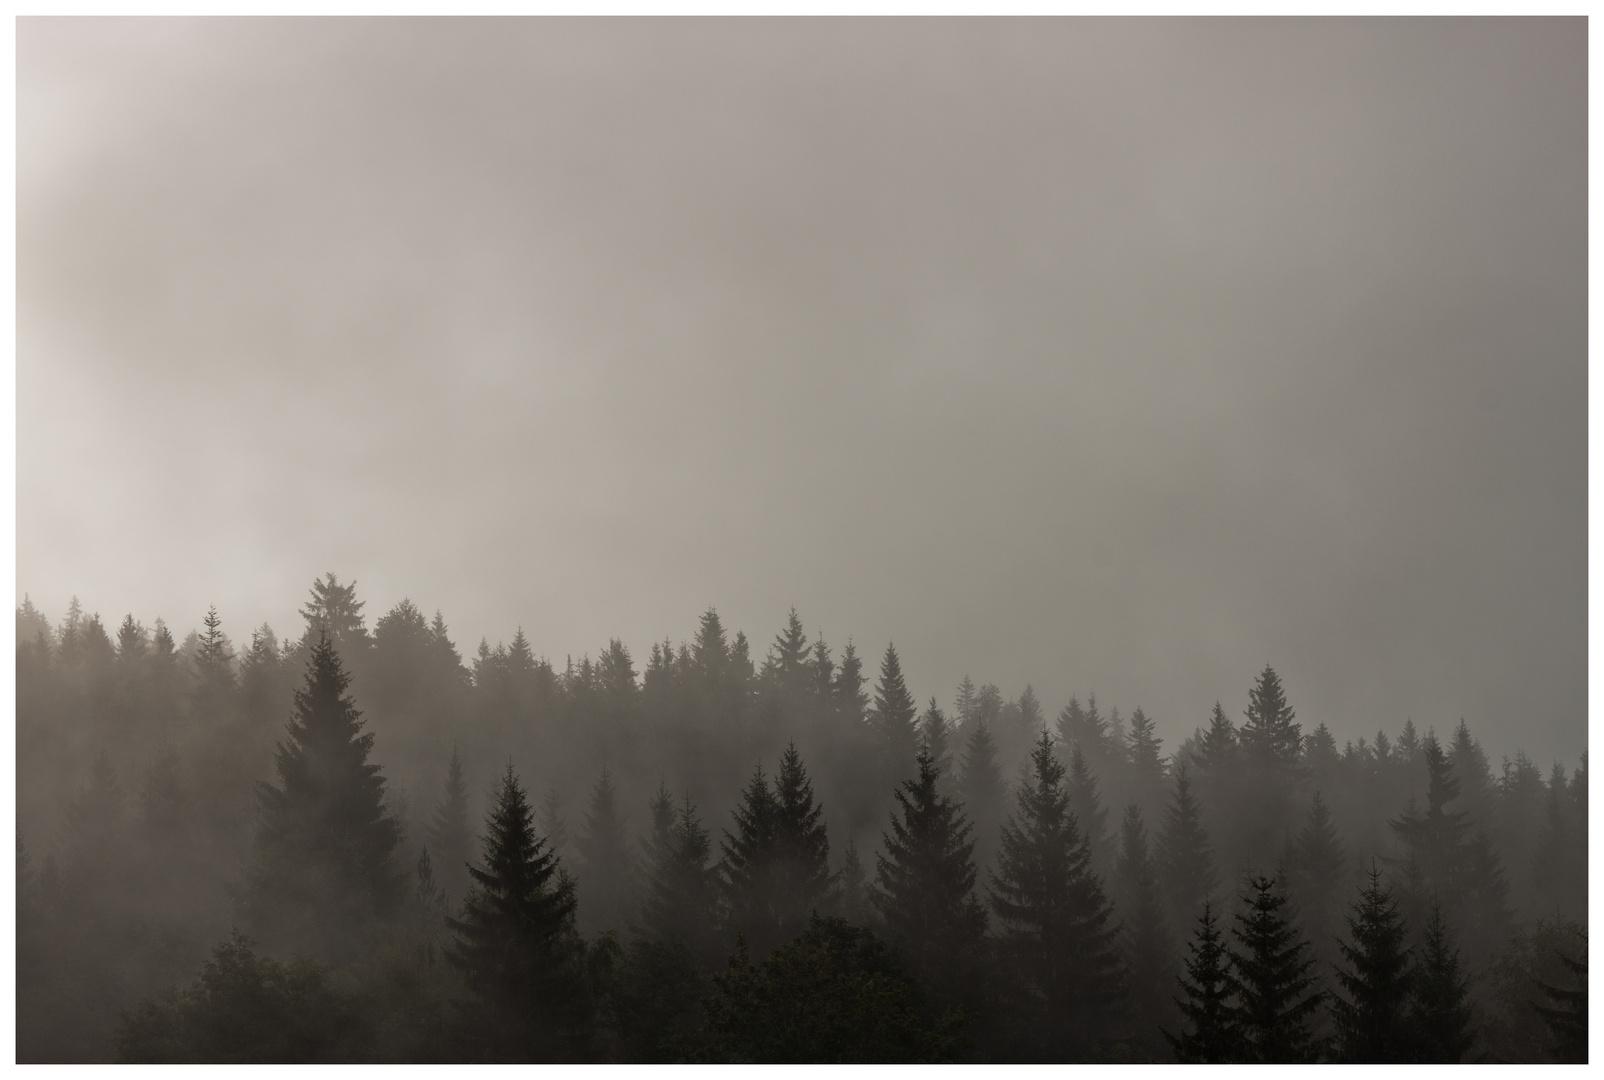 Der Düsterwald